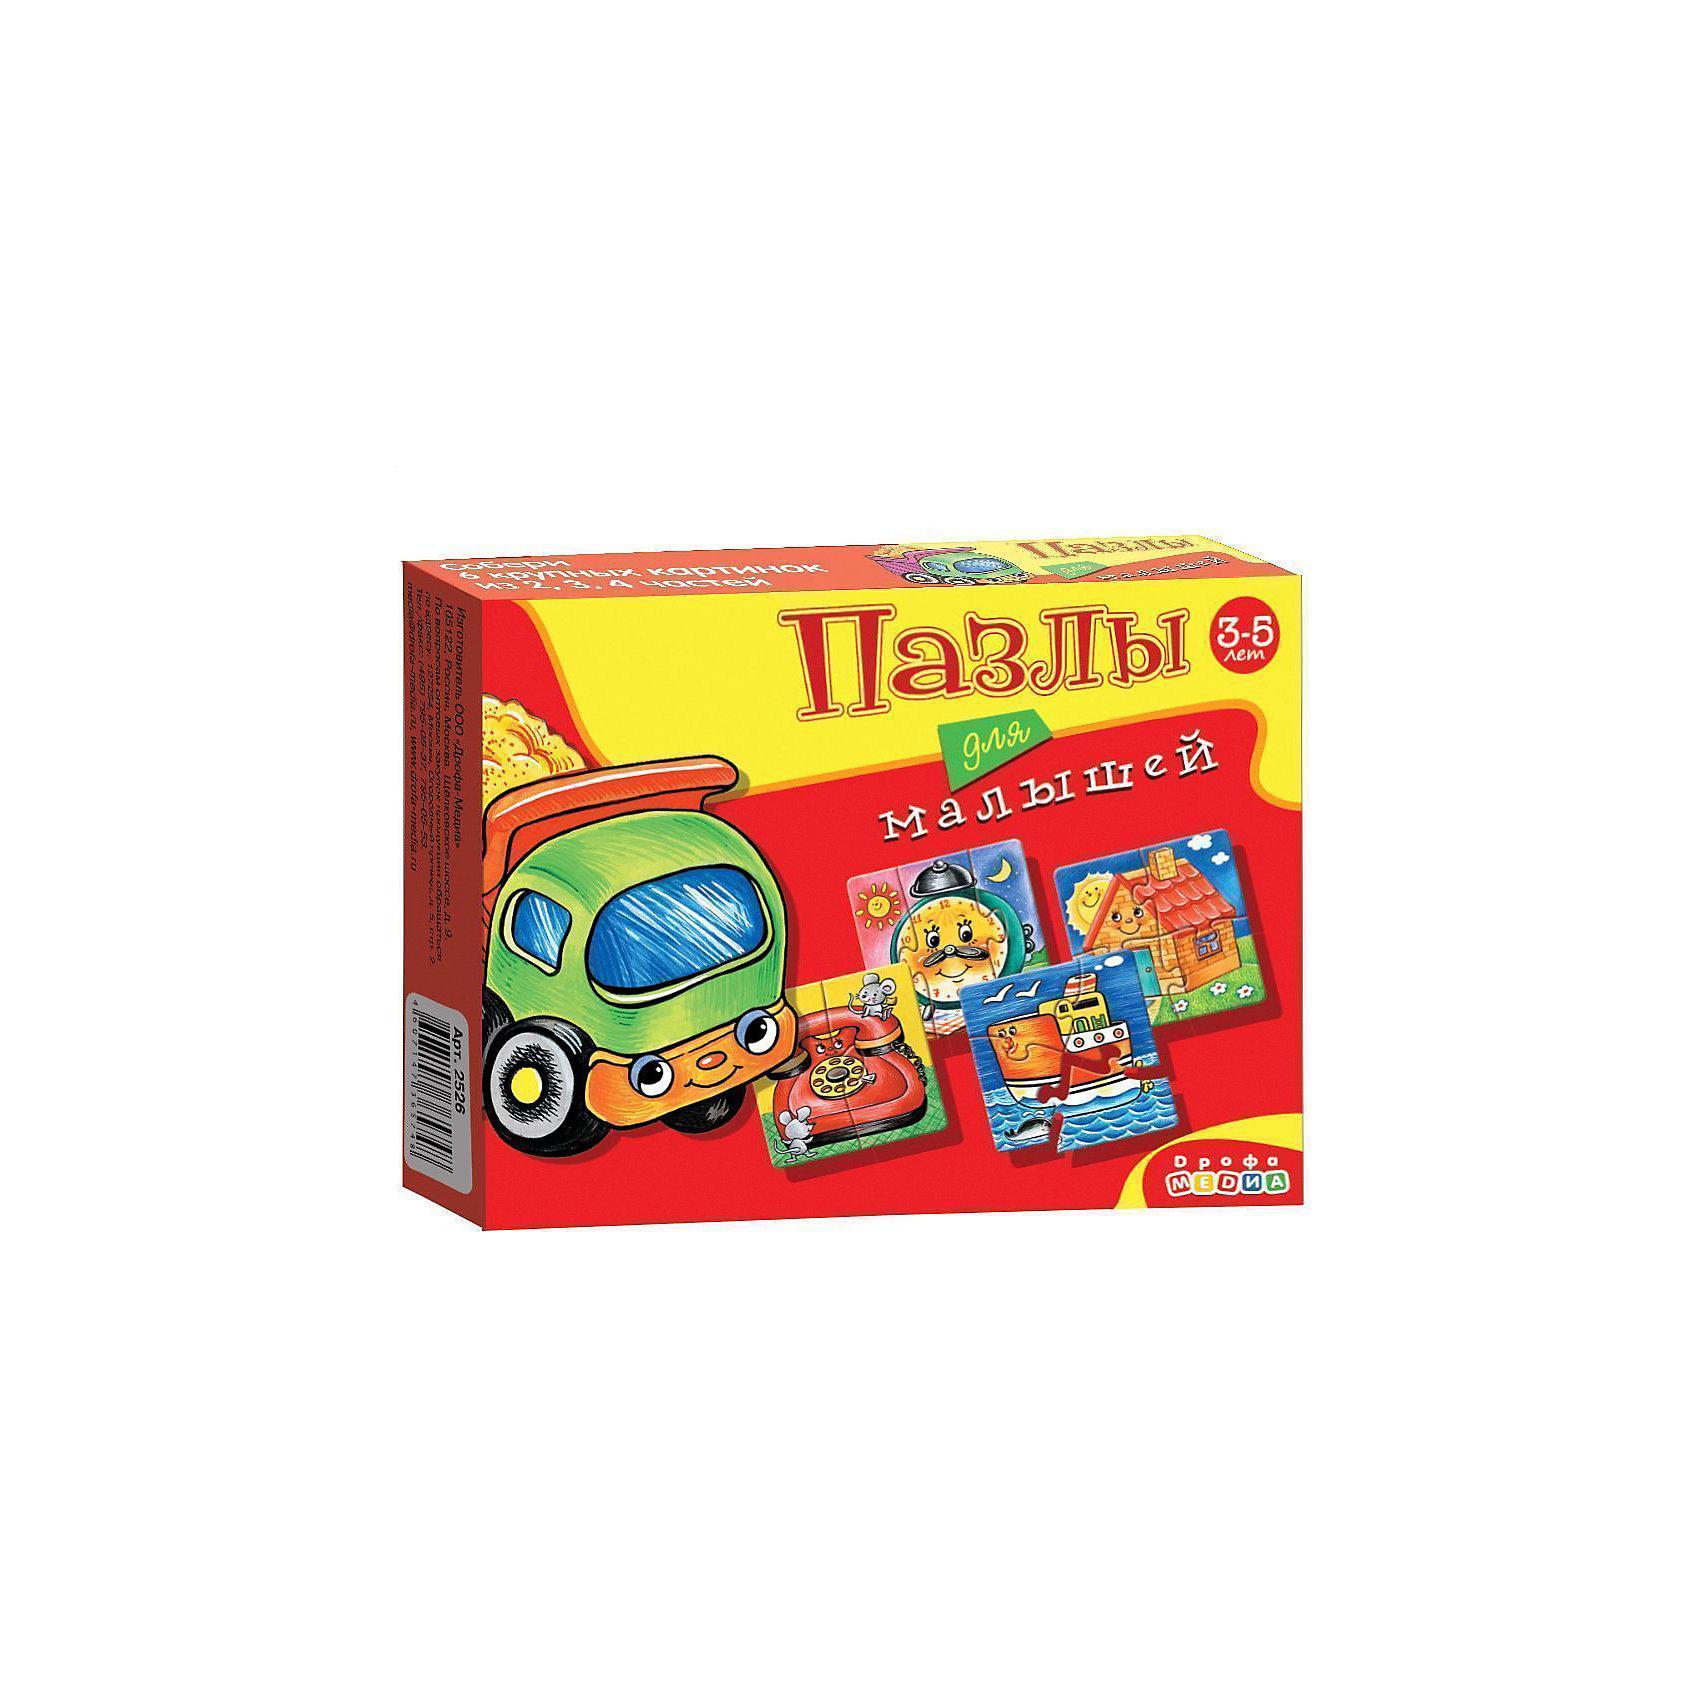 Дрофа-Медиа Пазлы для малышей (2526), Дрофа-Медиа дрофа медиа пазл для малышей играй и собирай 4 в 1 2938